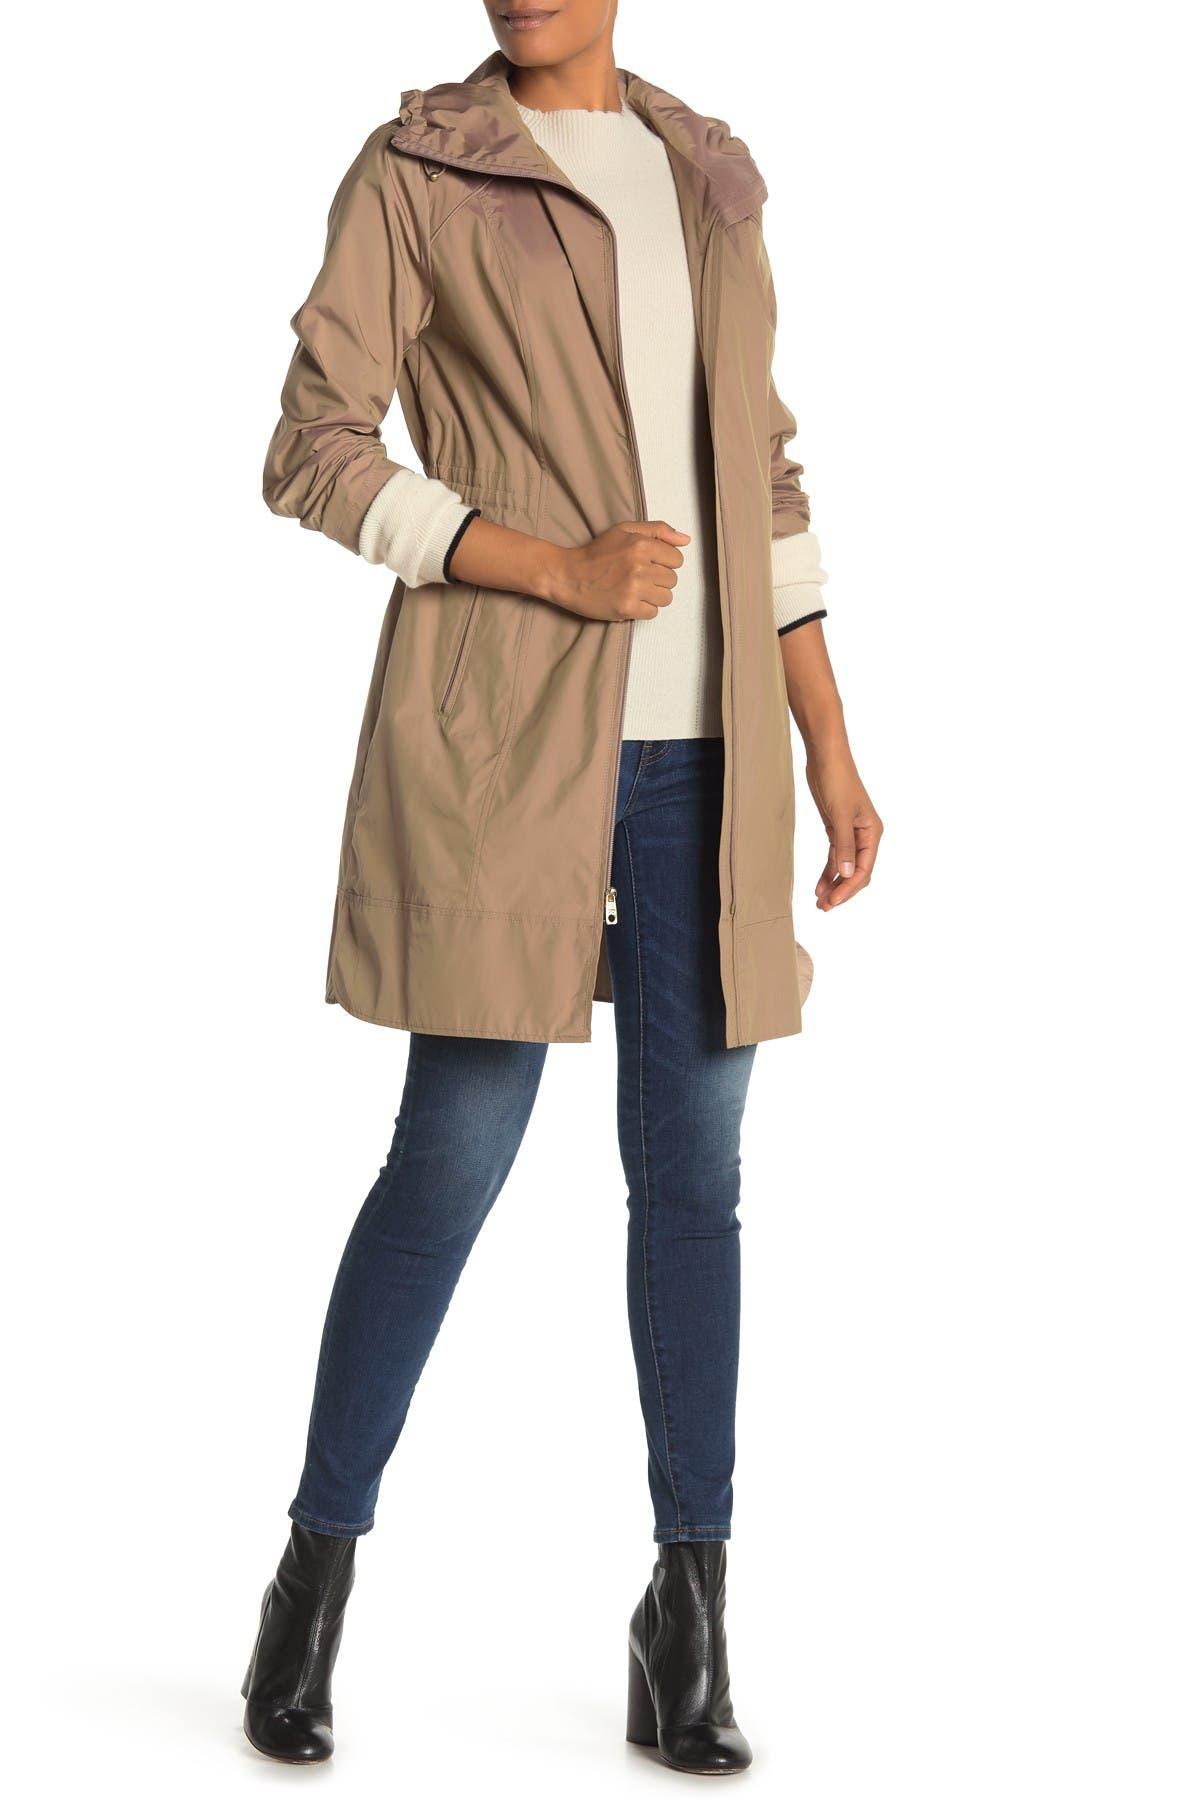 Image of Cole Haan Packable Hooded Rain Coat